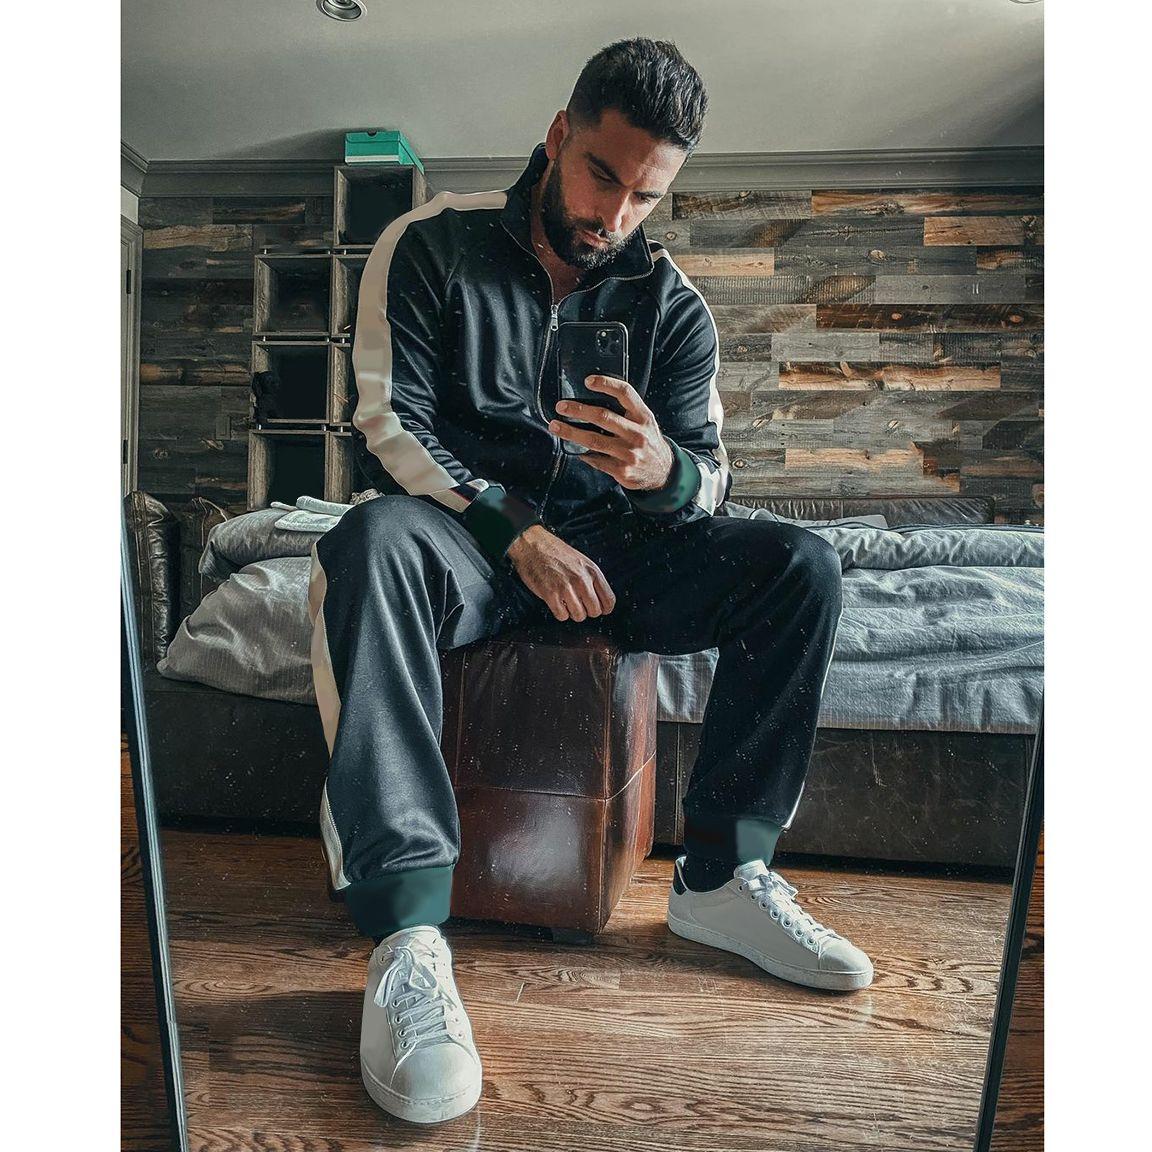 İtalya'da Yapılan Mens Aktif Eşofman Moda Harfler Dize Ceket Sweatpants Casual Fermuar Iki Parça Erkek Hiphop Streetwear Için Kıyafetler